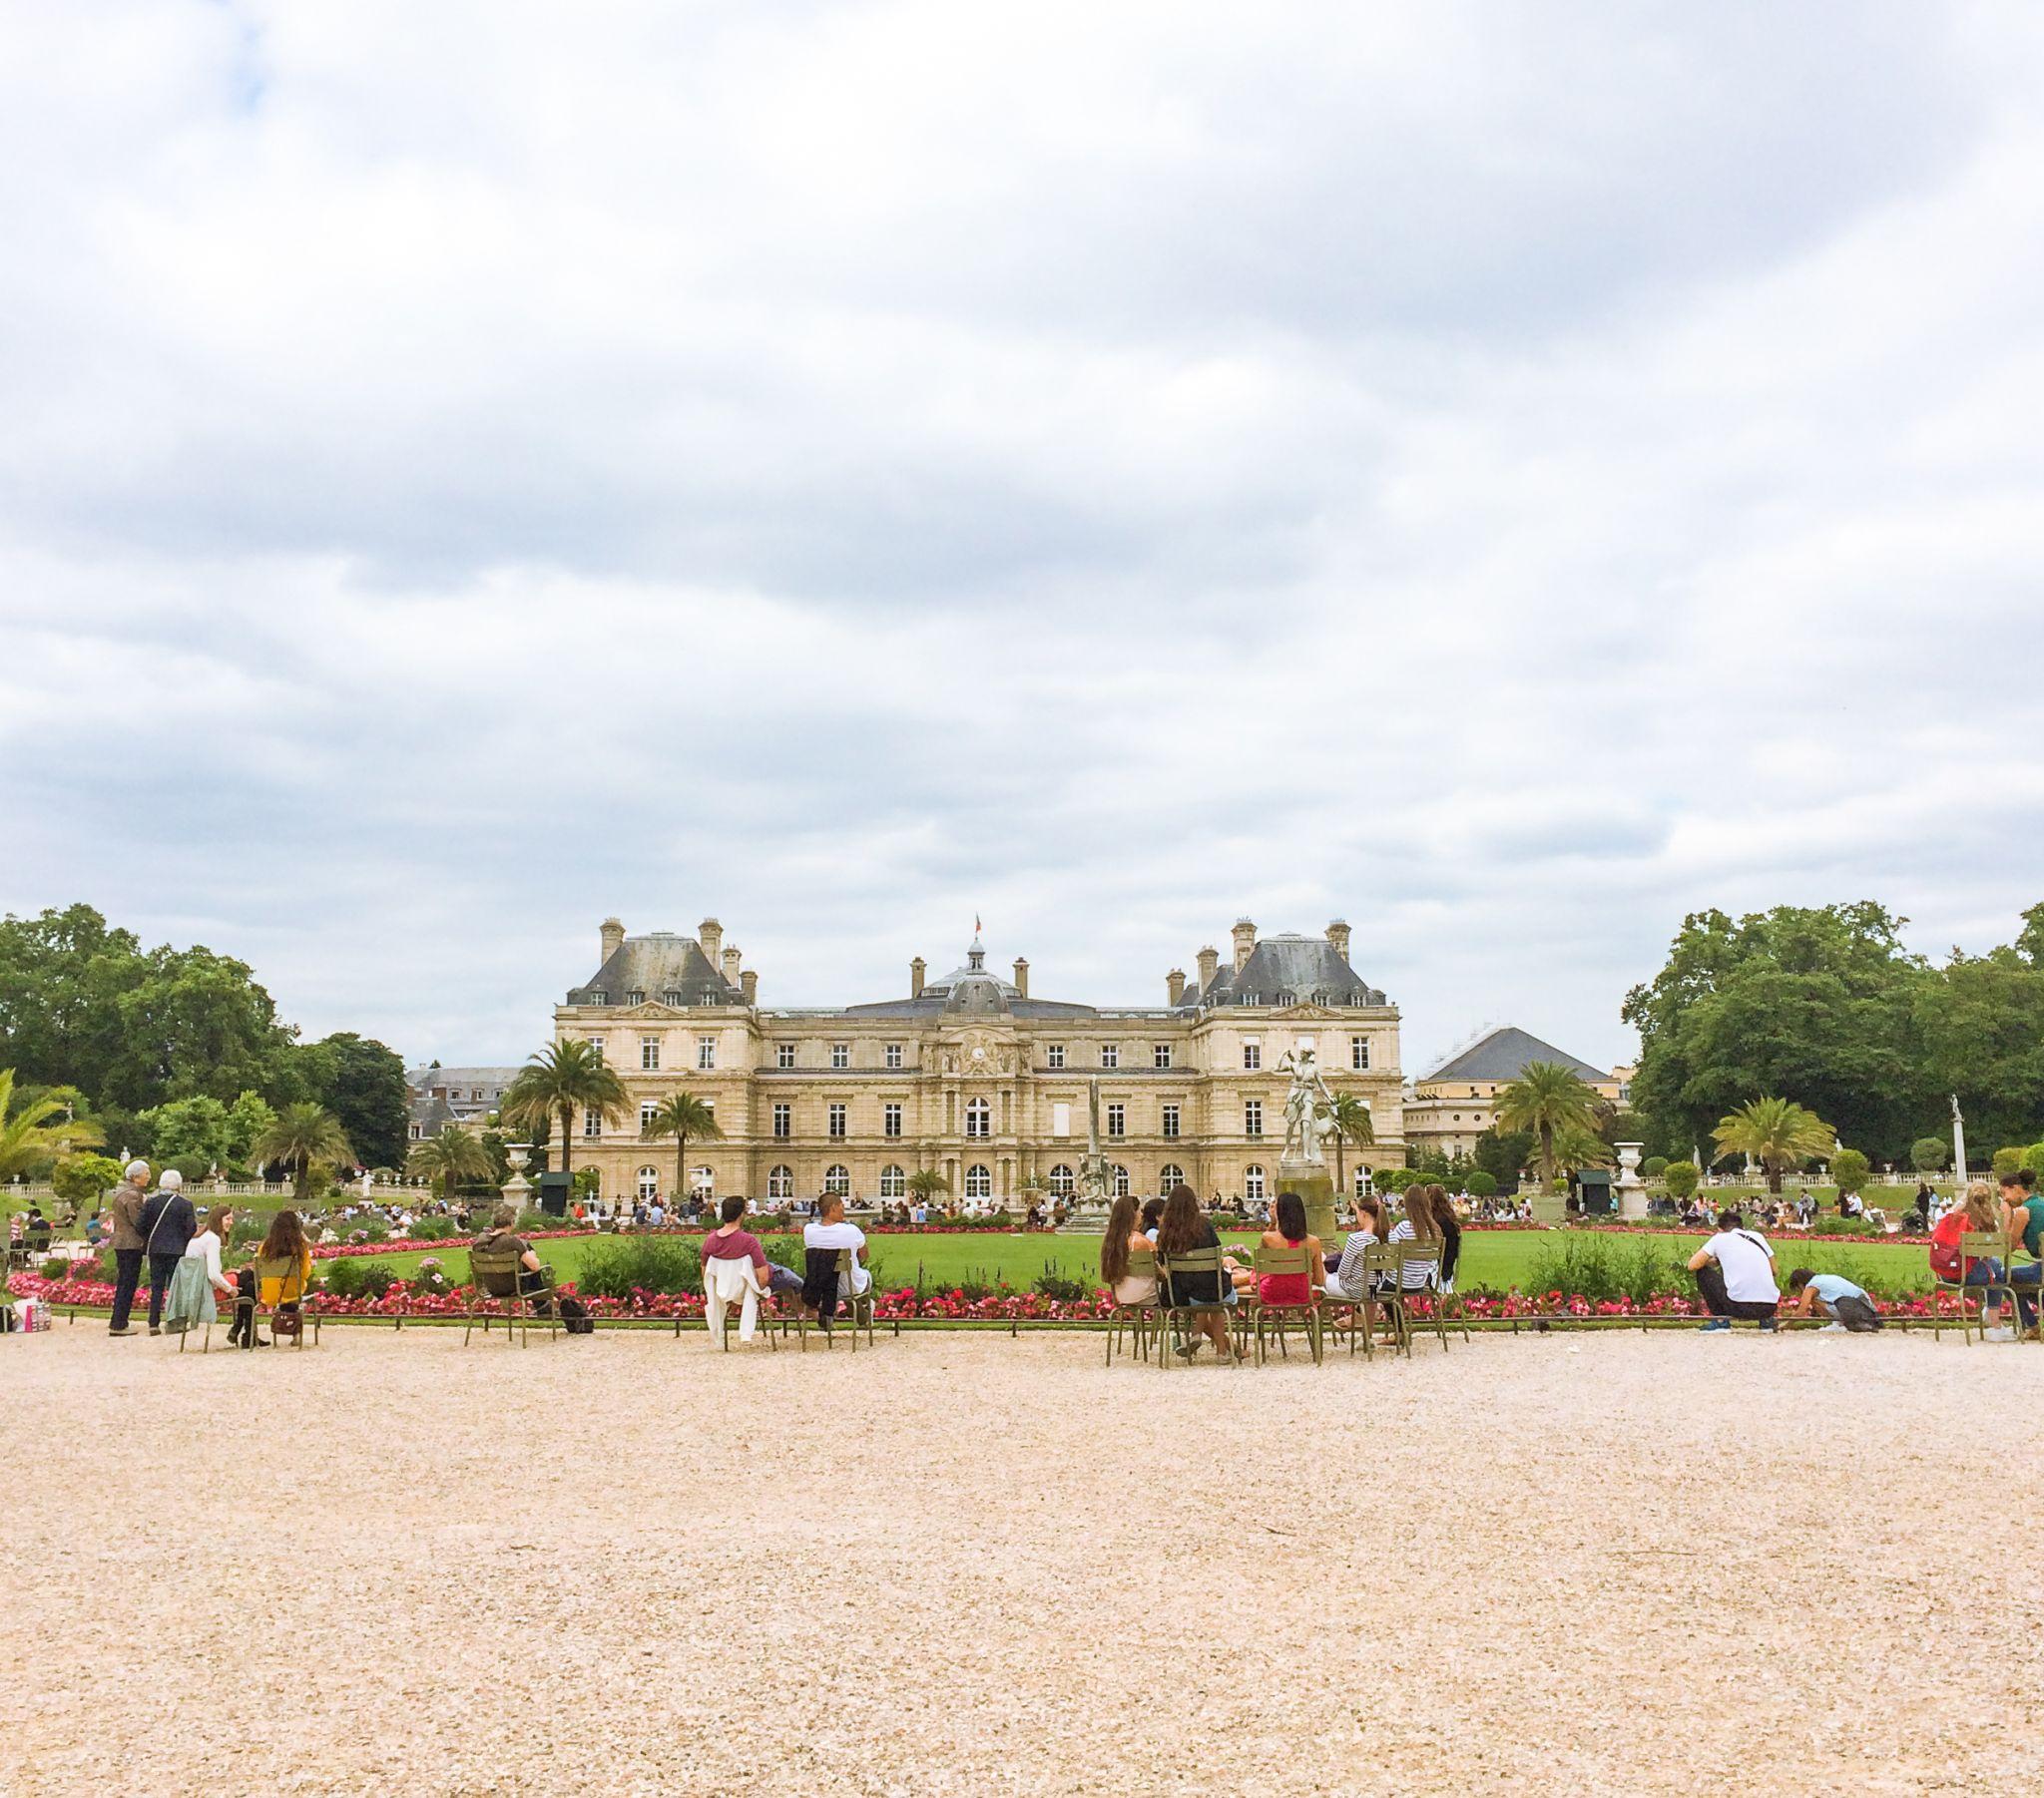 Palais de Luxembourg, France